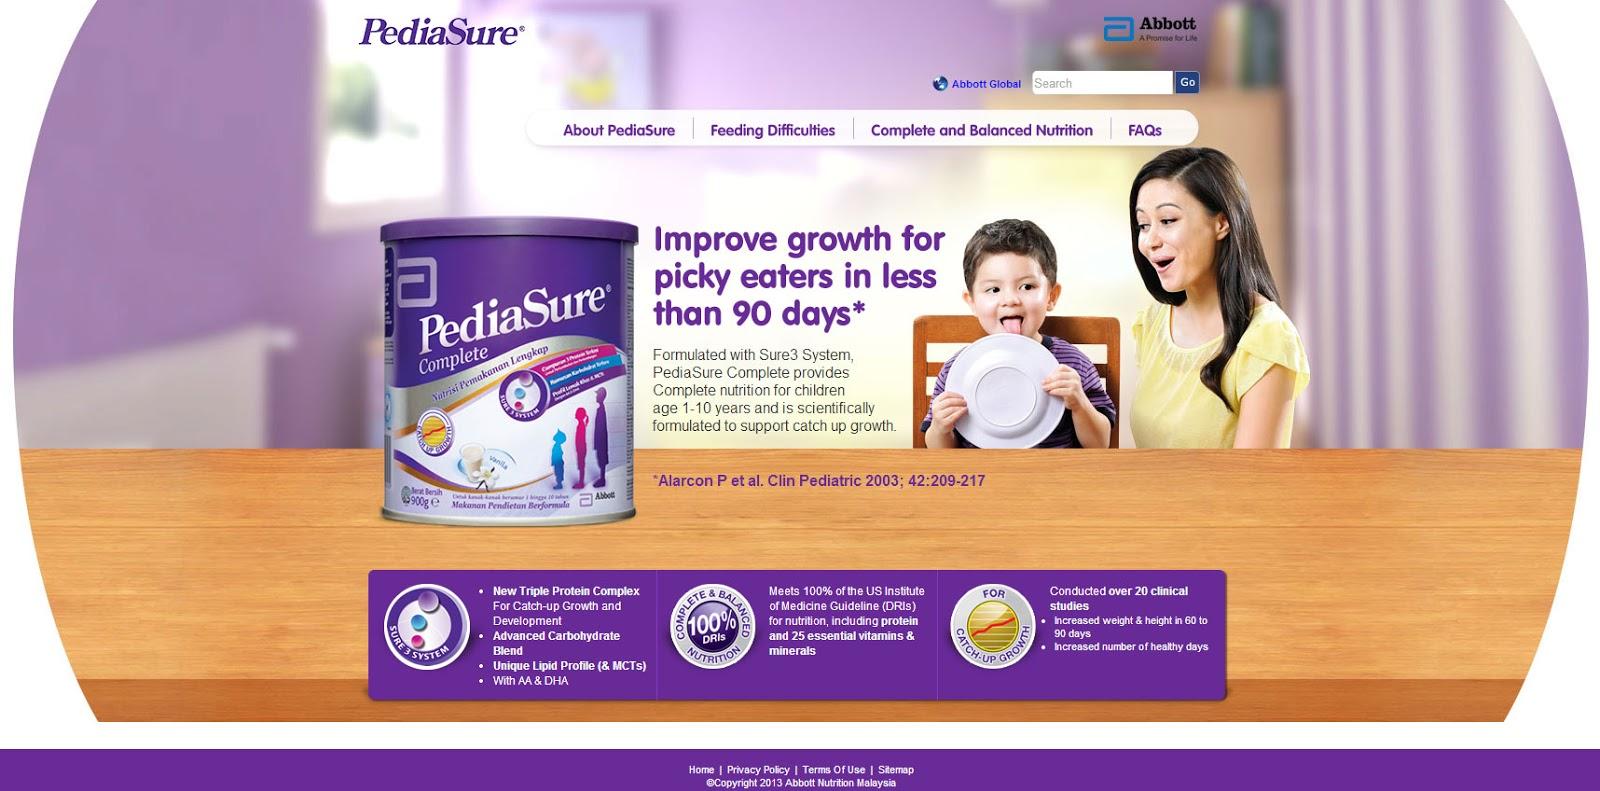 Sữa pediasure có mấy loại? Có tốt không? Có tăng cân không?